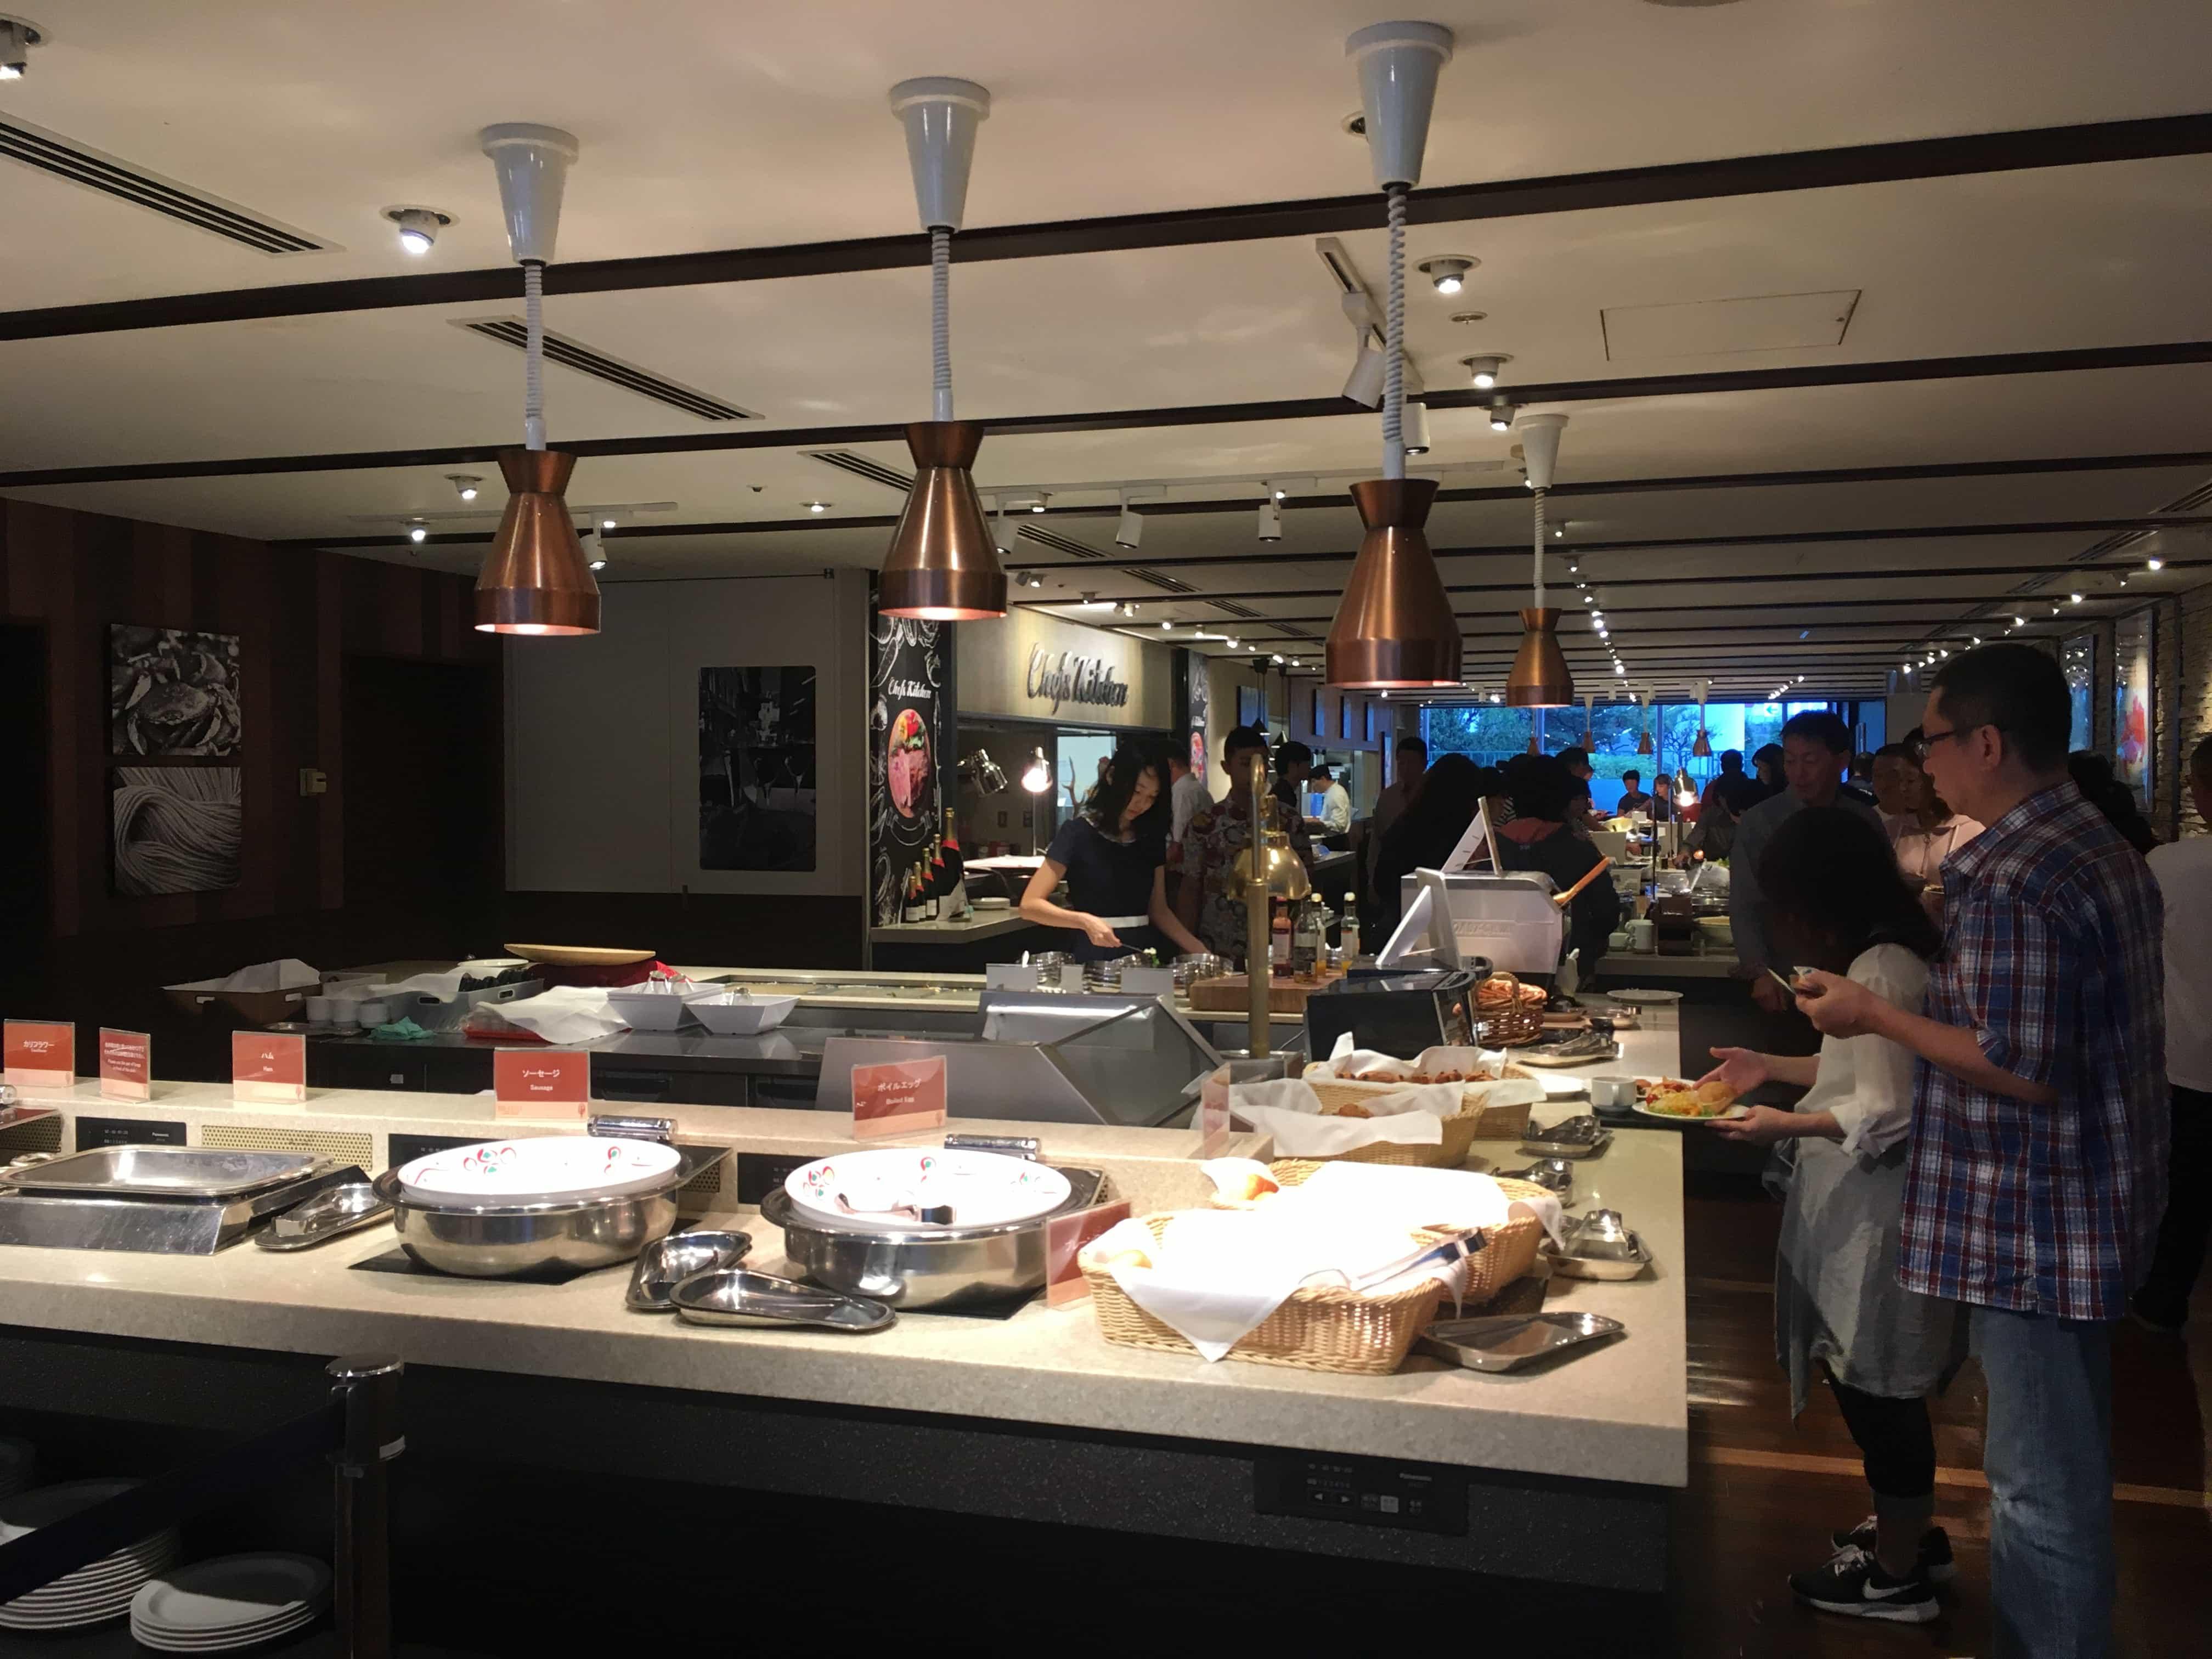 東京ドームホテル朝食ビュッフェに行ってきた   ライムのJGC ...